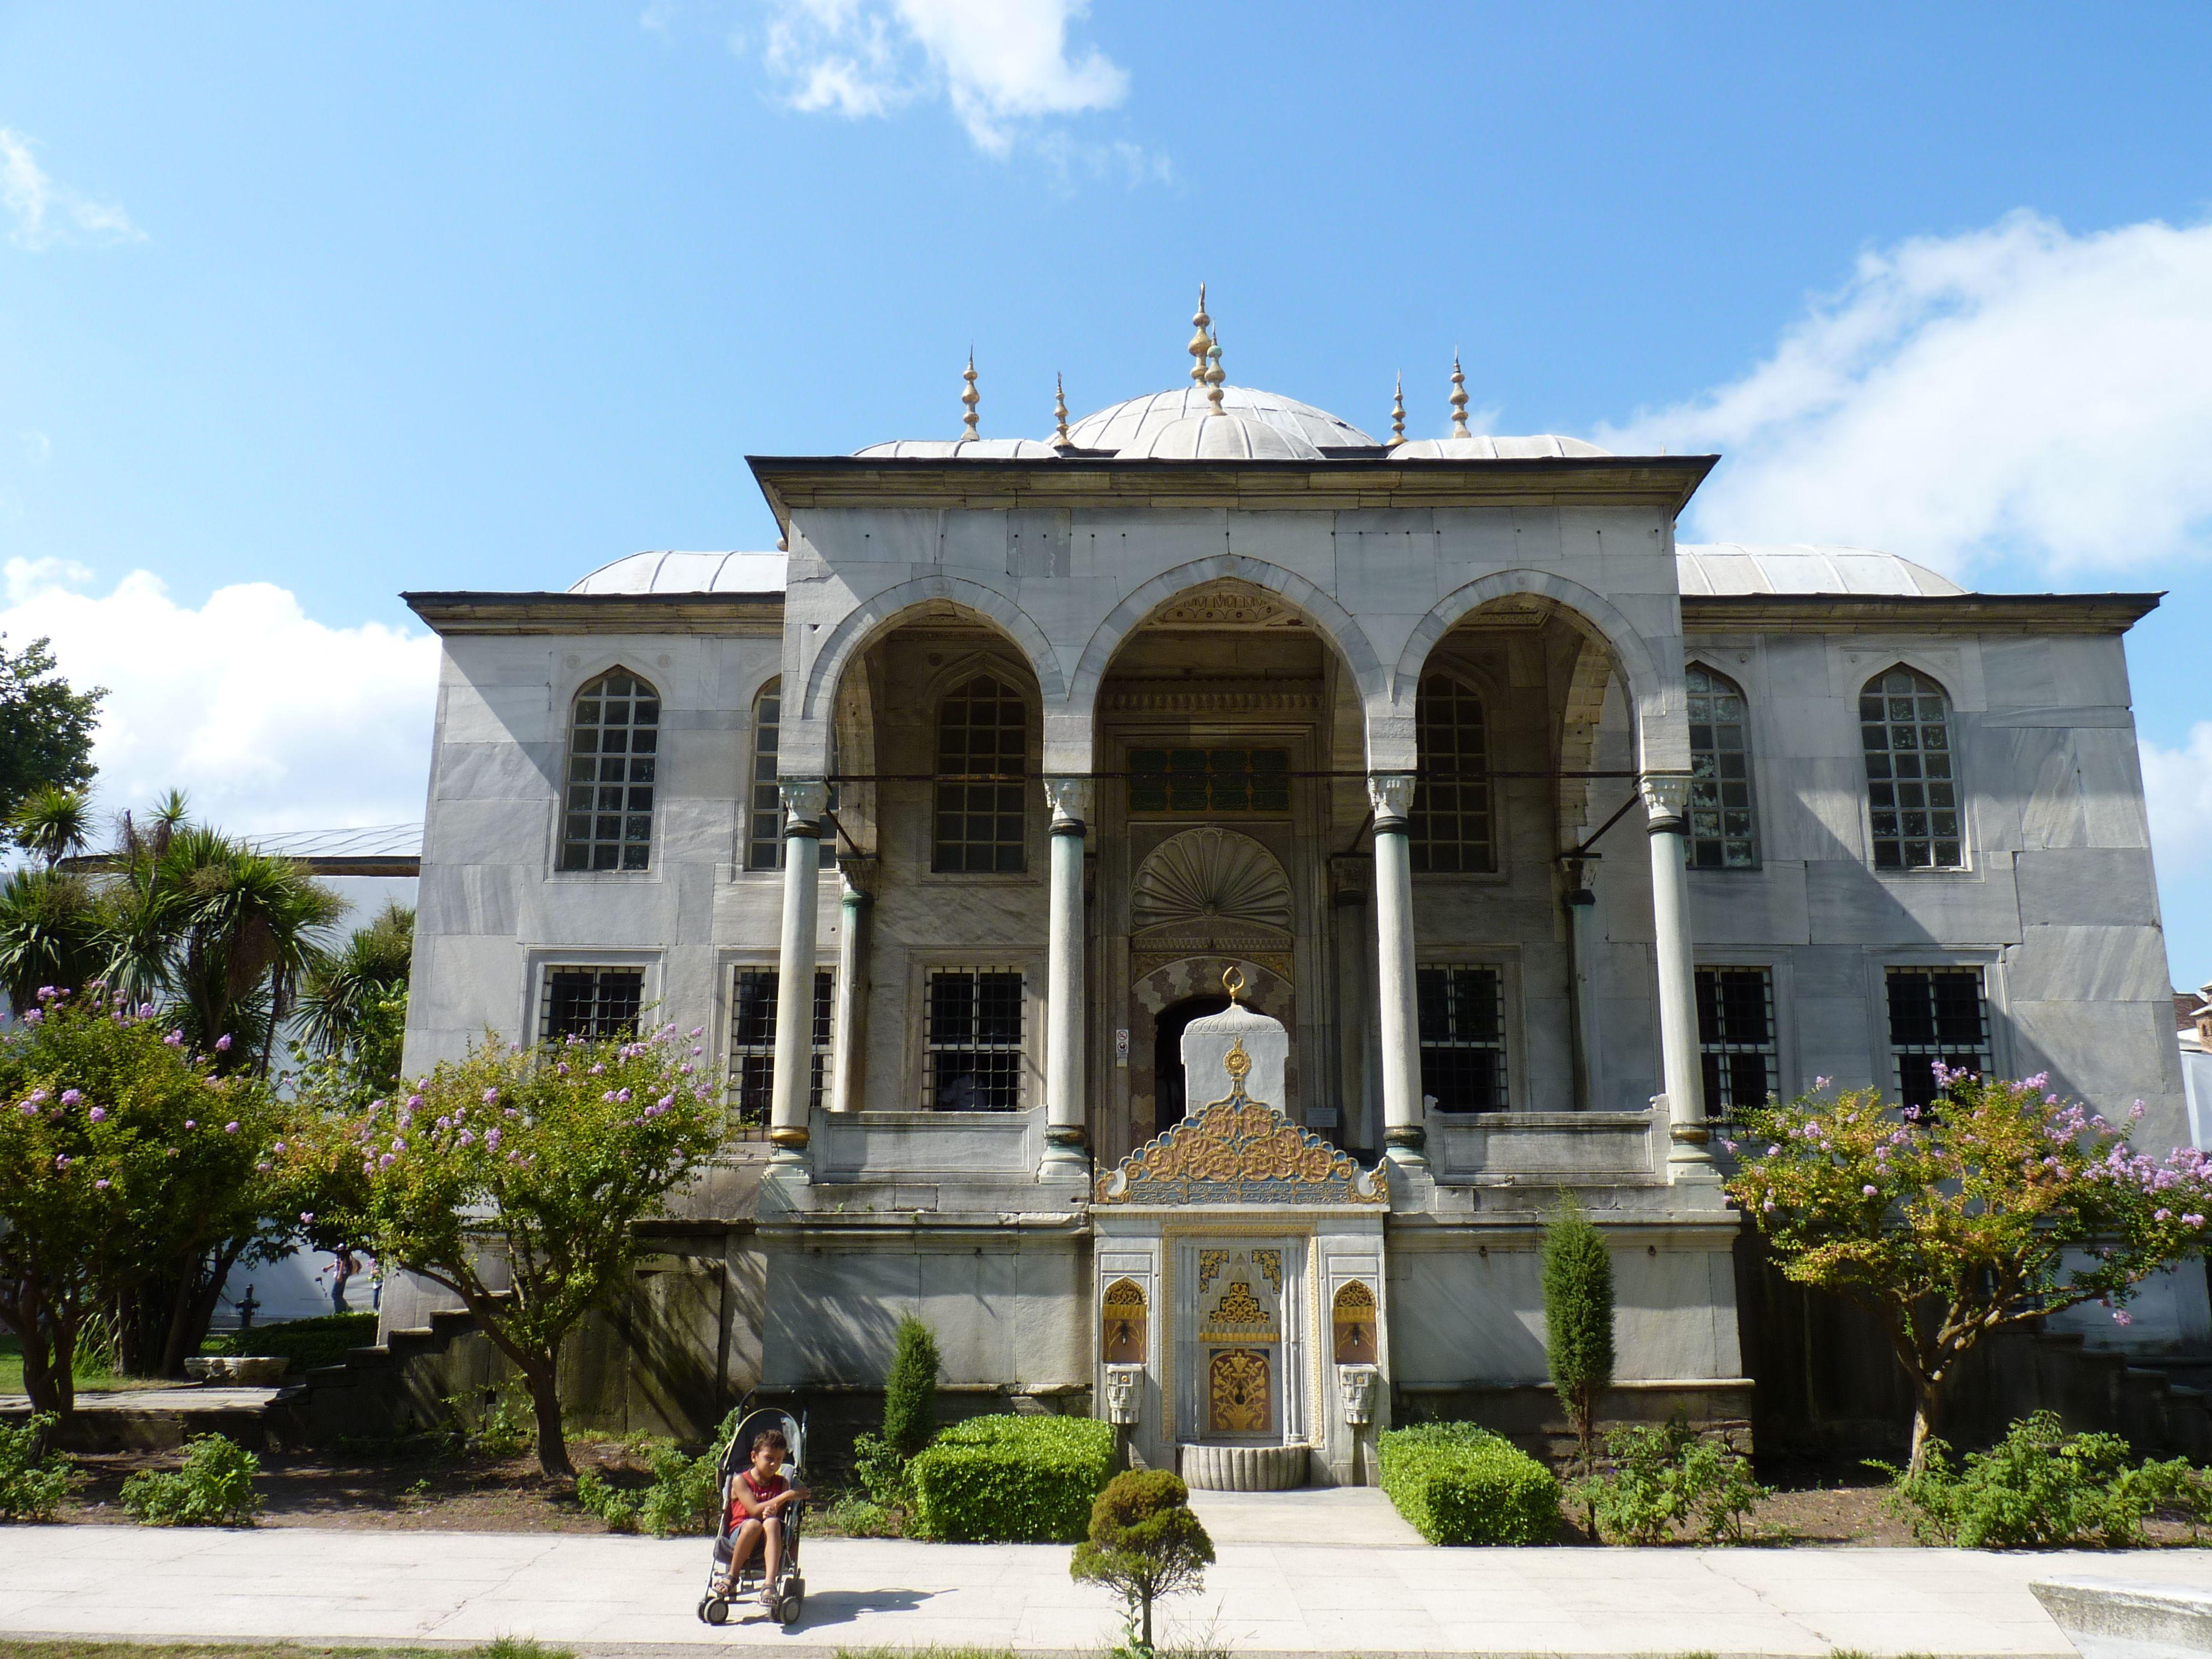 Estambul. Palacio de Topkapi. Iglesia de Santa Irene.